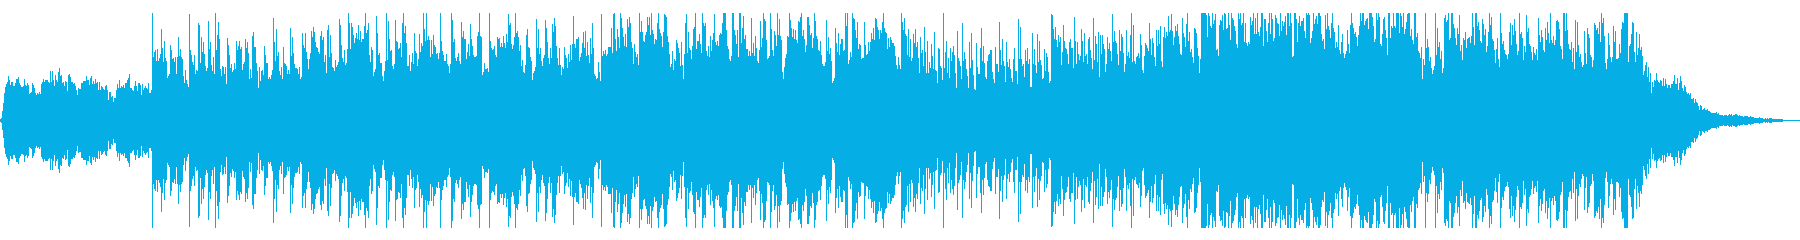 月蝕をイメージしたダークで美しい曲の再生済みの波形